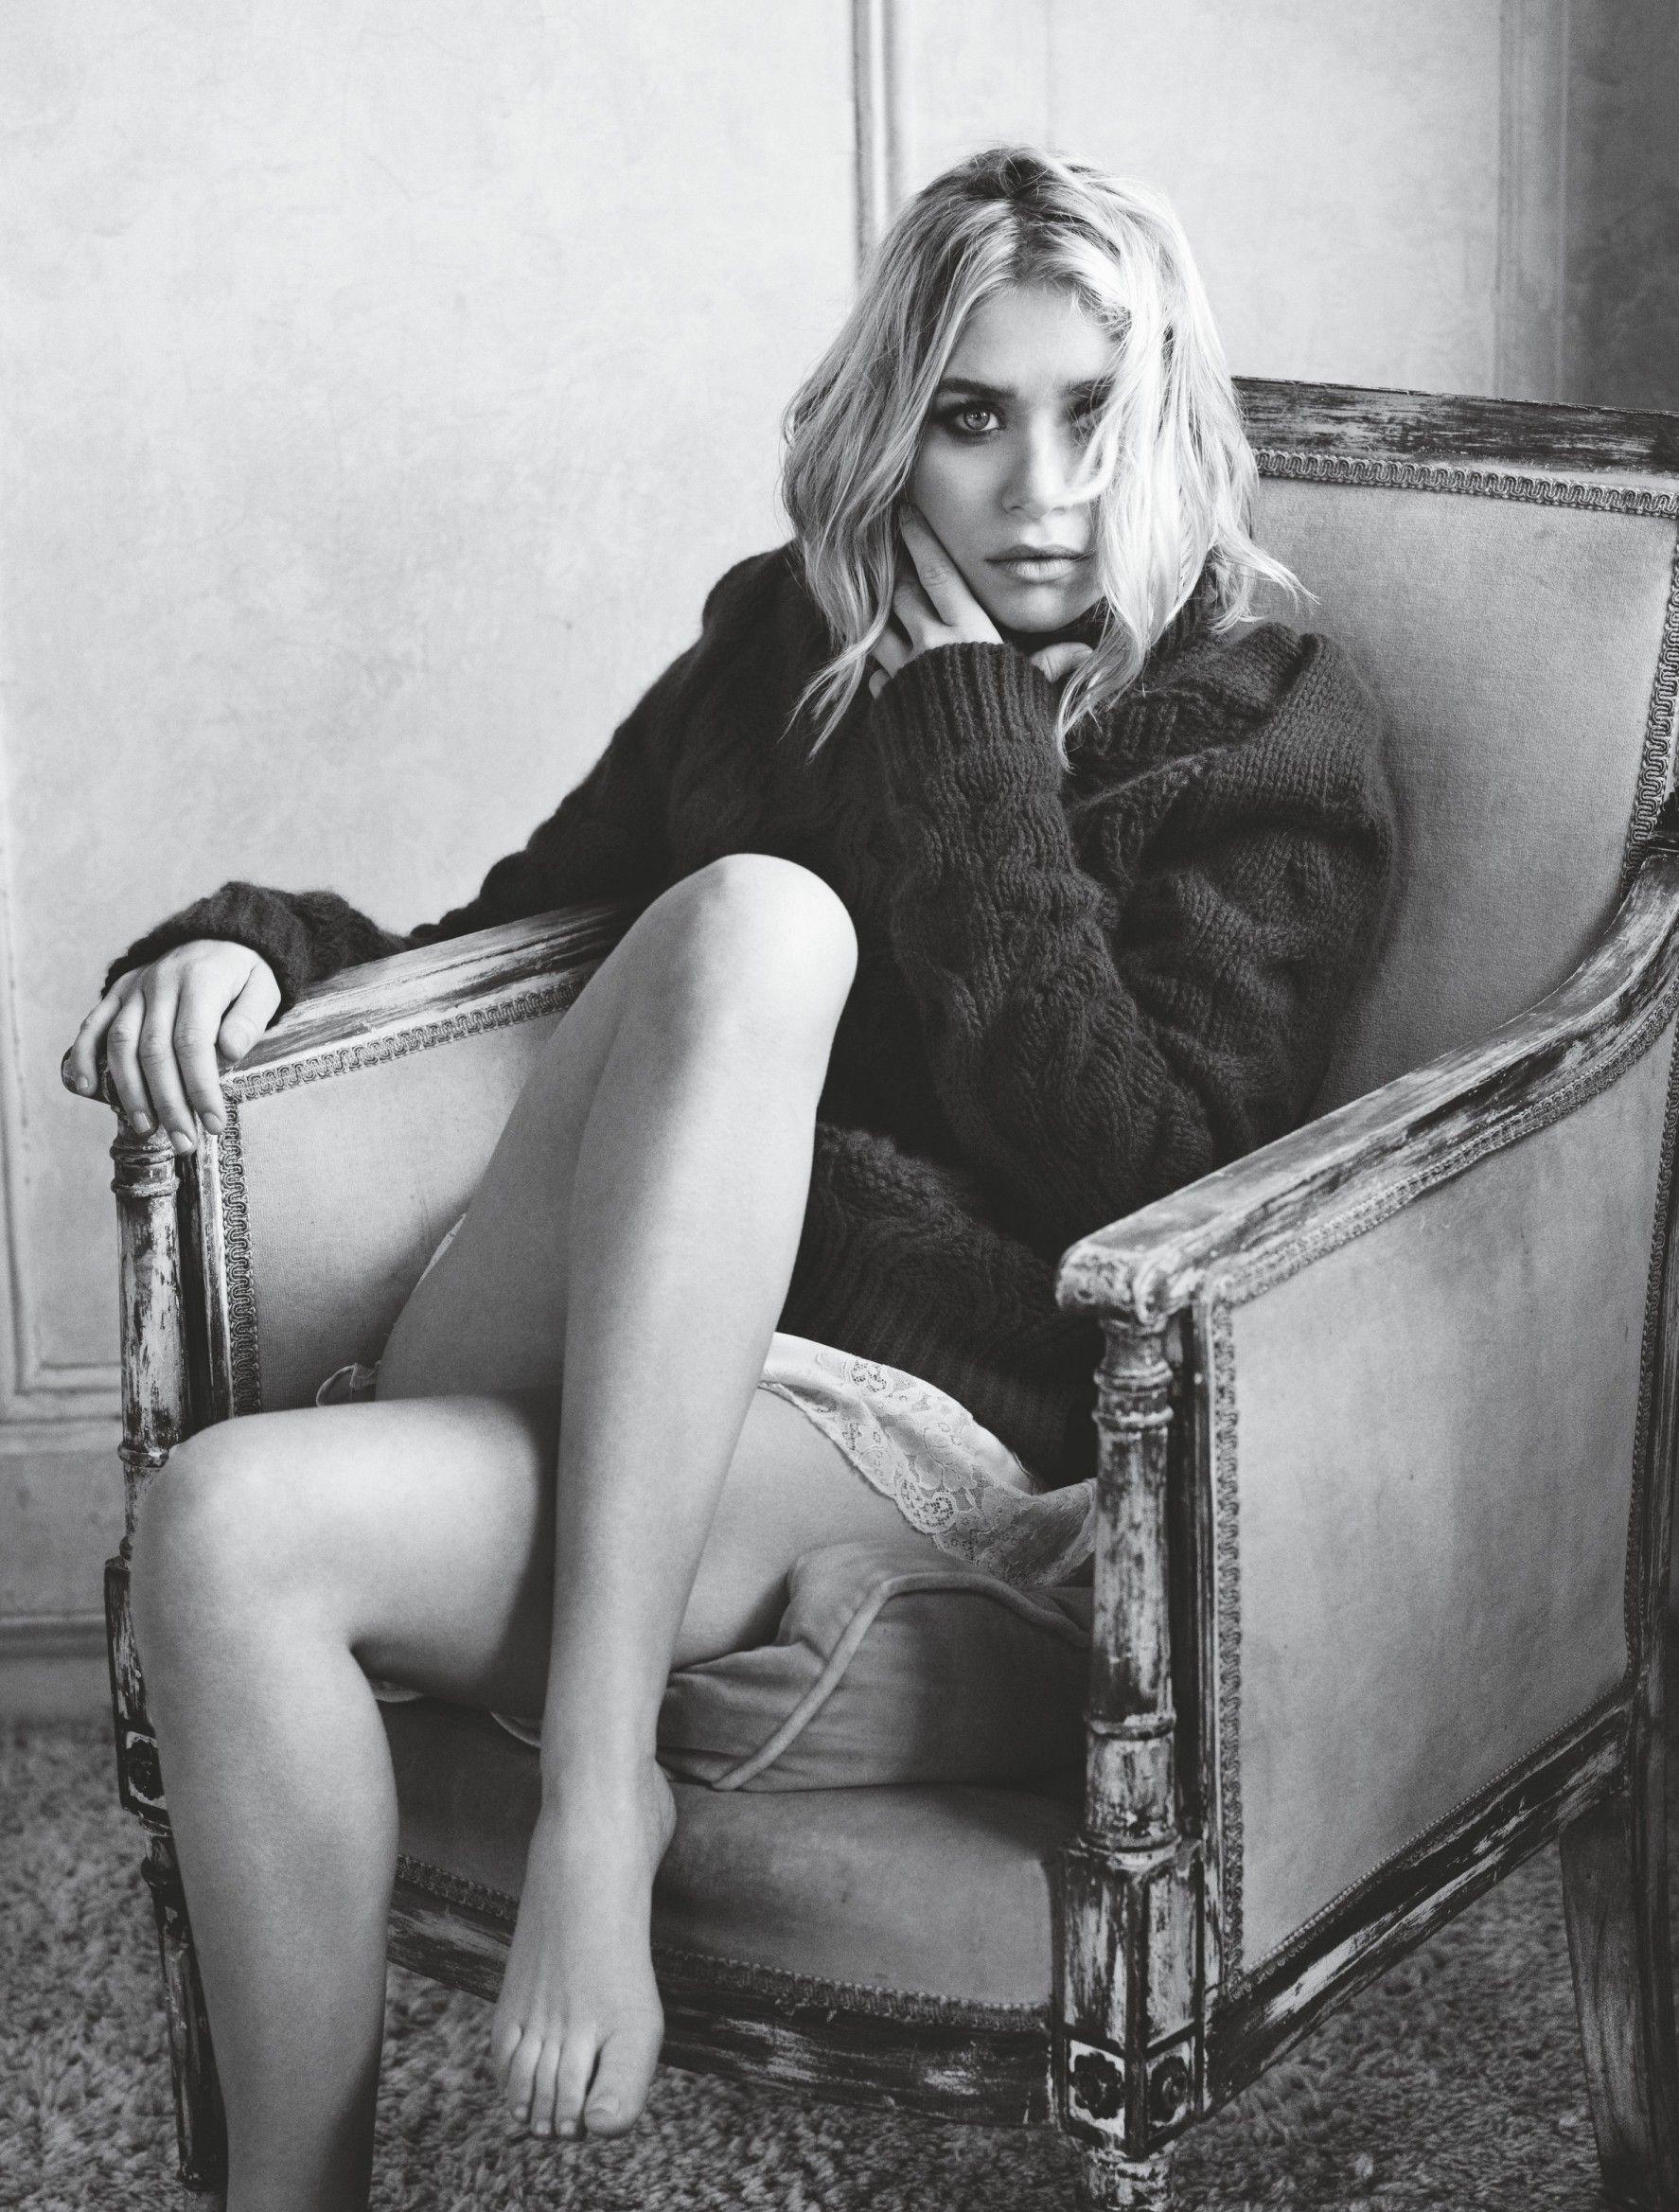 Ashley Olsen débute sa carrière en 1987 à l'âge de... neuf mois, en compagnie de sa soeur jumelle Mary-Kate, dans la série télévisée à succès La Fête à la maison